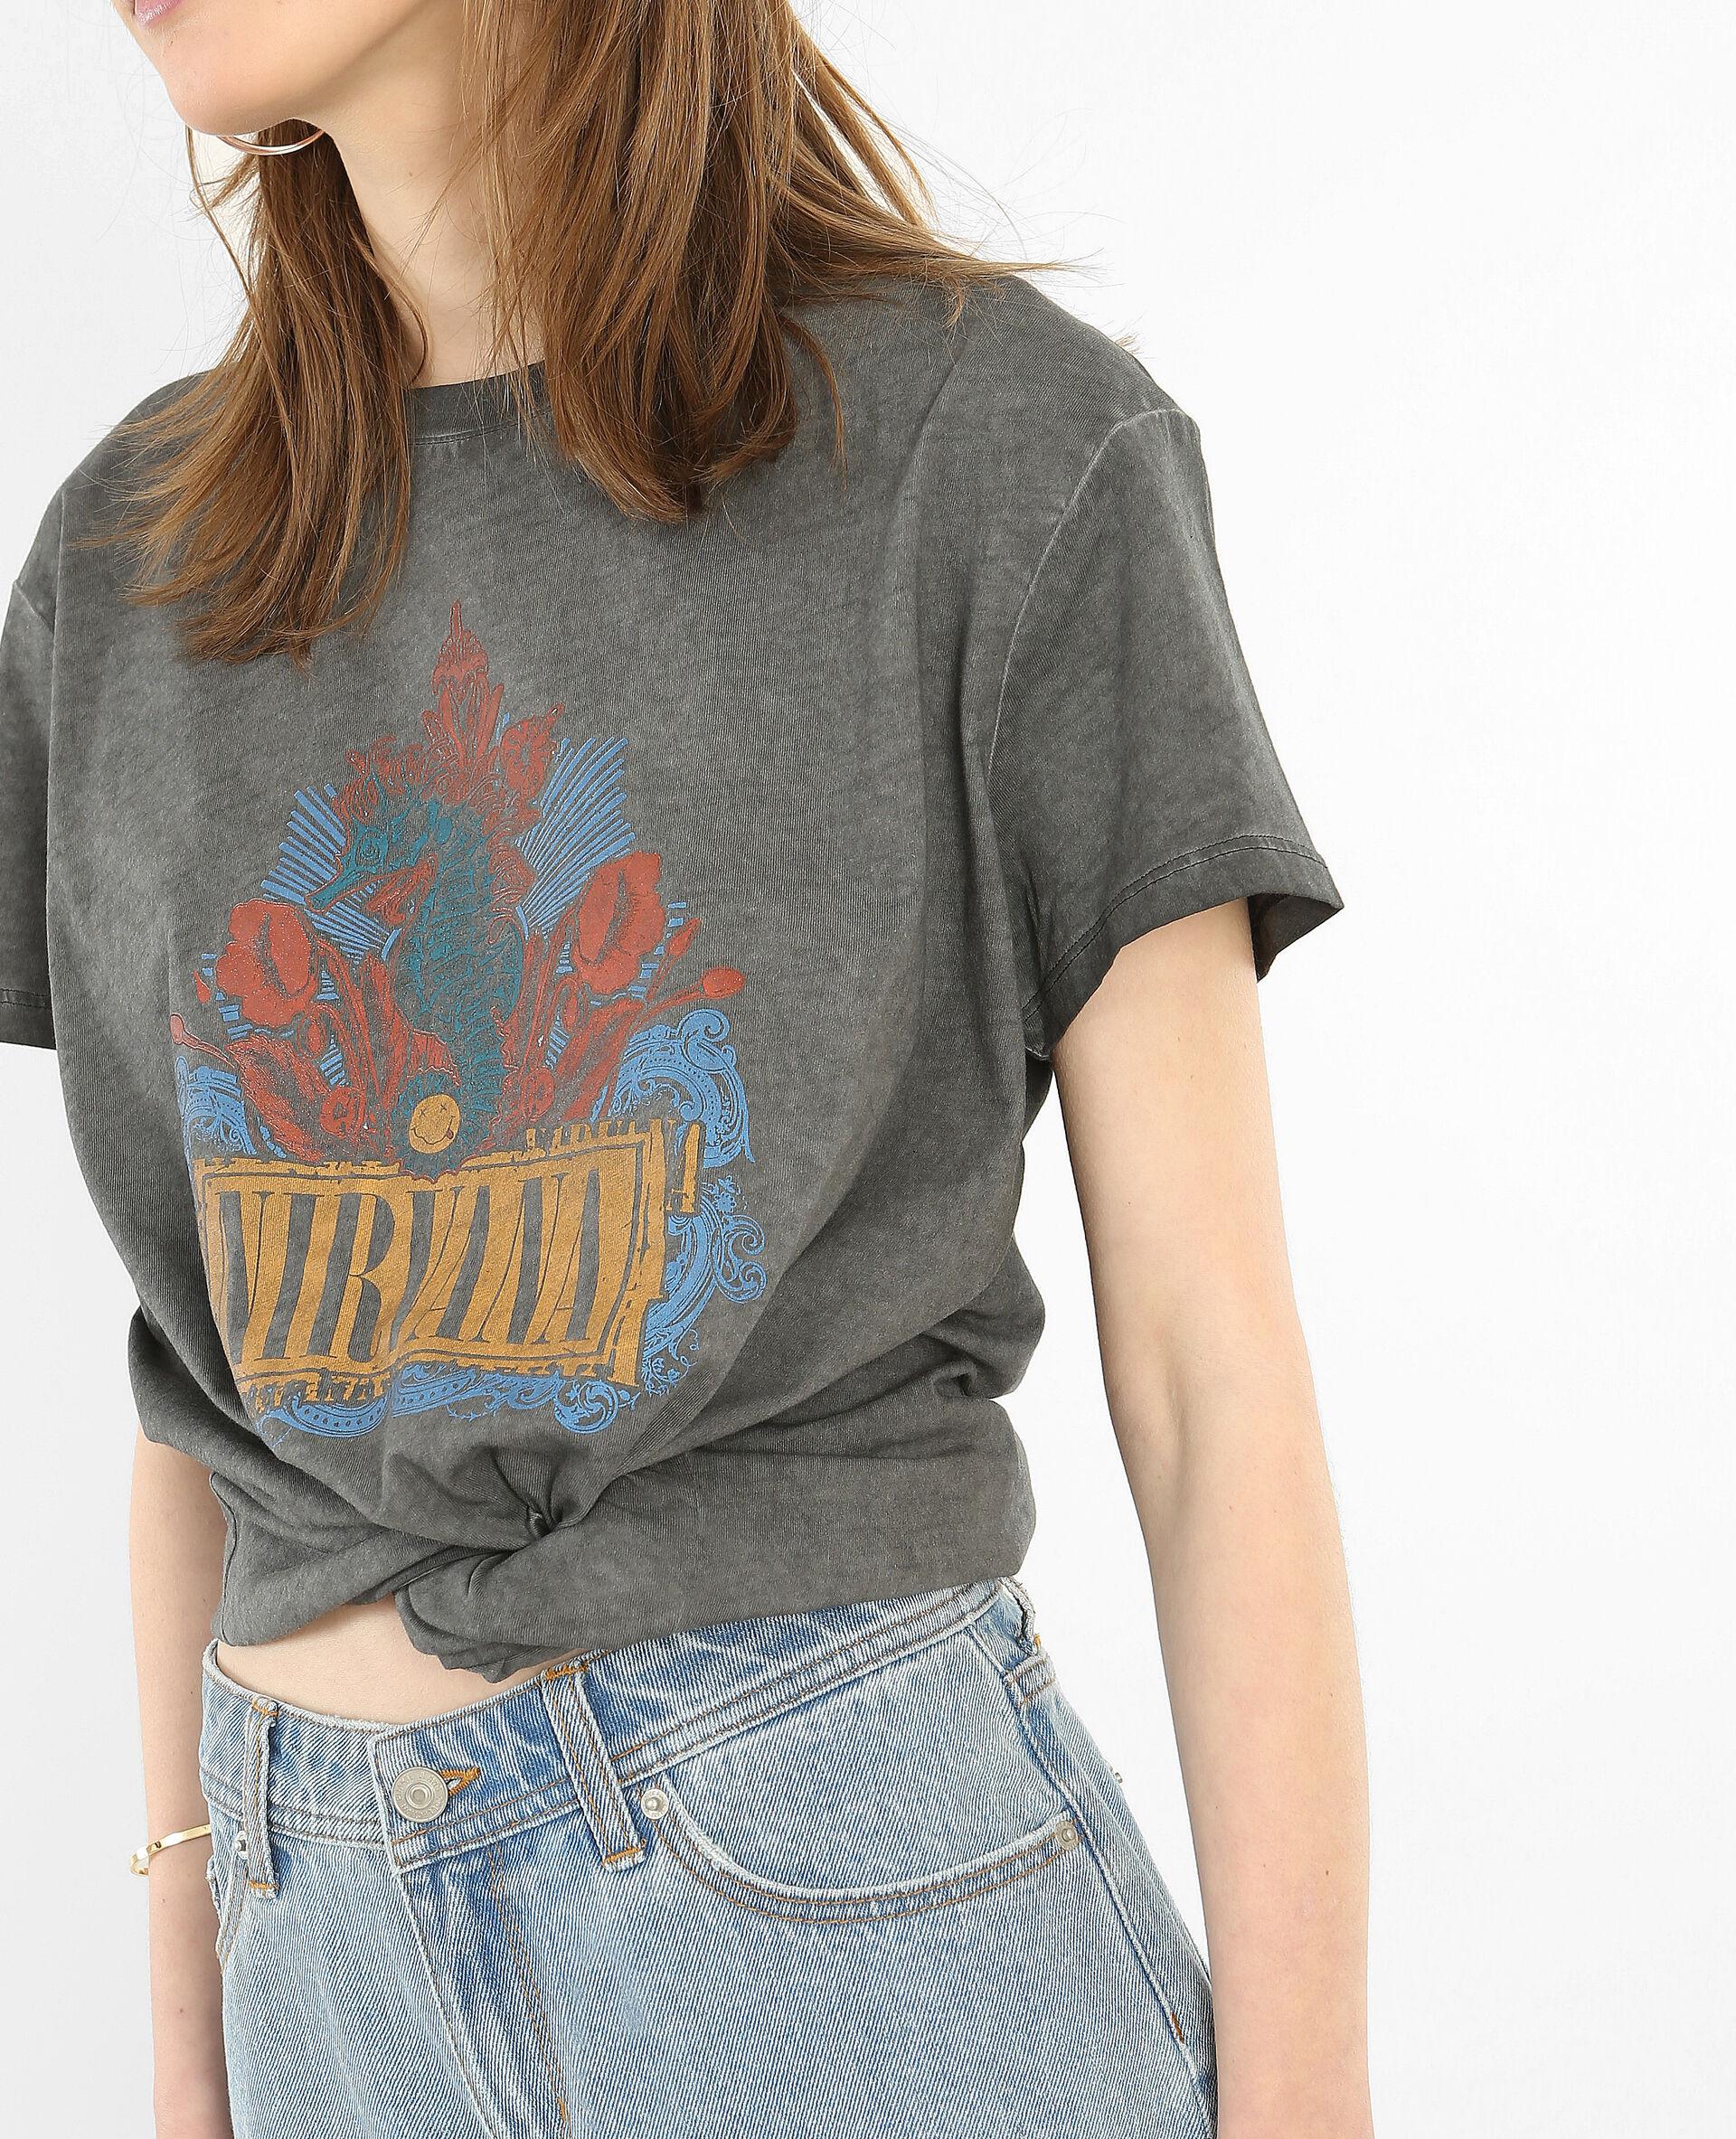 t shirt nirvana